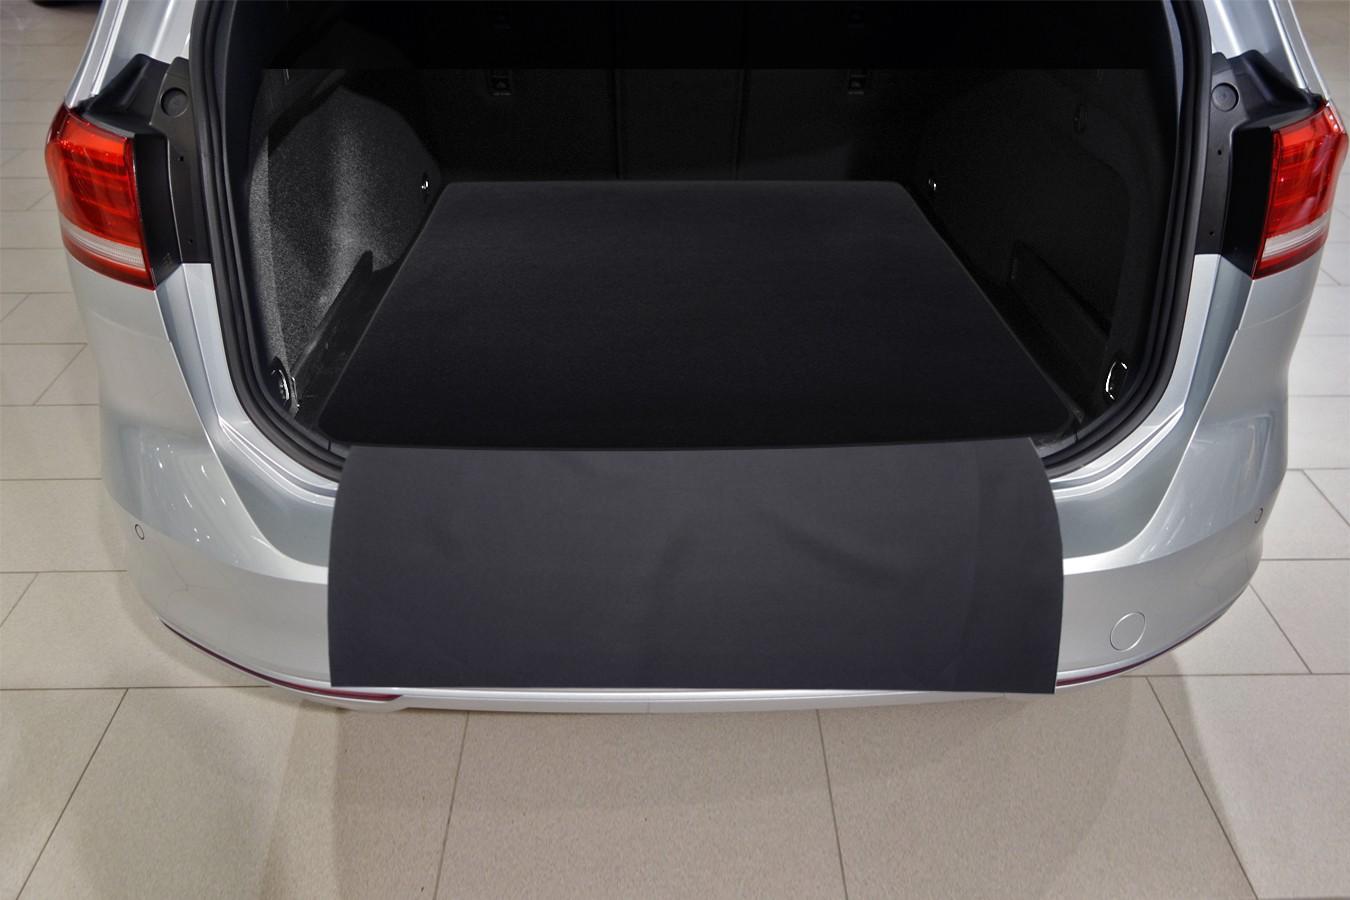 Premium Tapis Bain Tapis de coffre pour VW Passat b8 Variant Année ab 2014